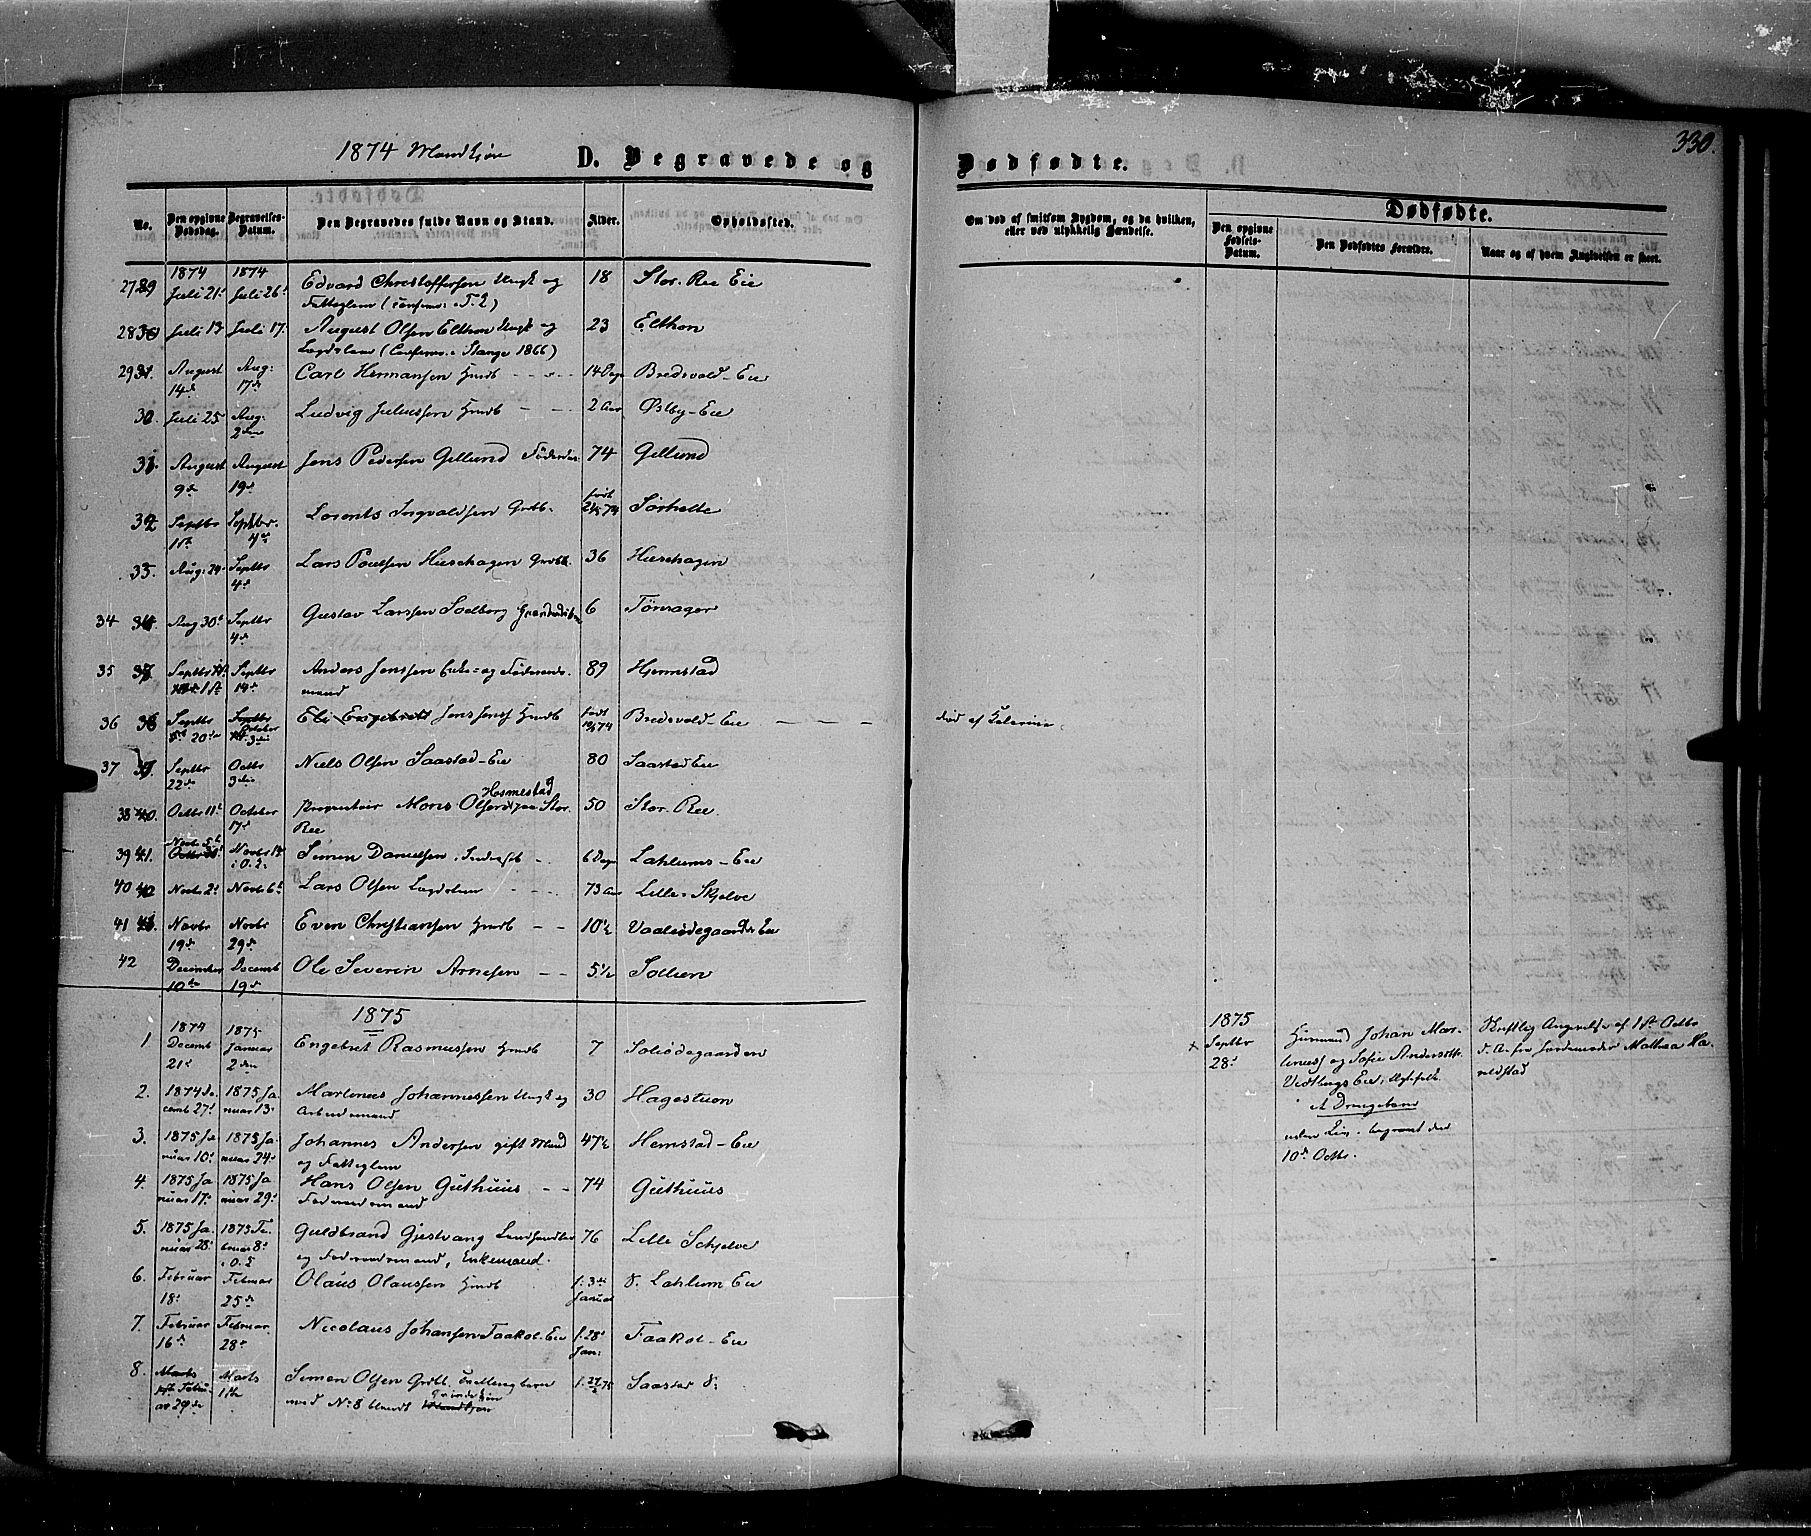 SAH, Stange prestekontor, K/L0013: Parish register (official) no. 13, 1862-1879, p. 330